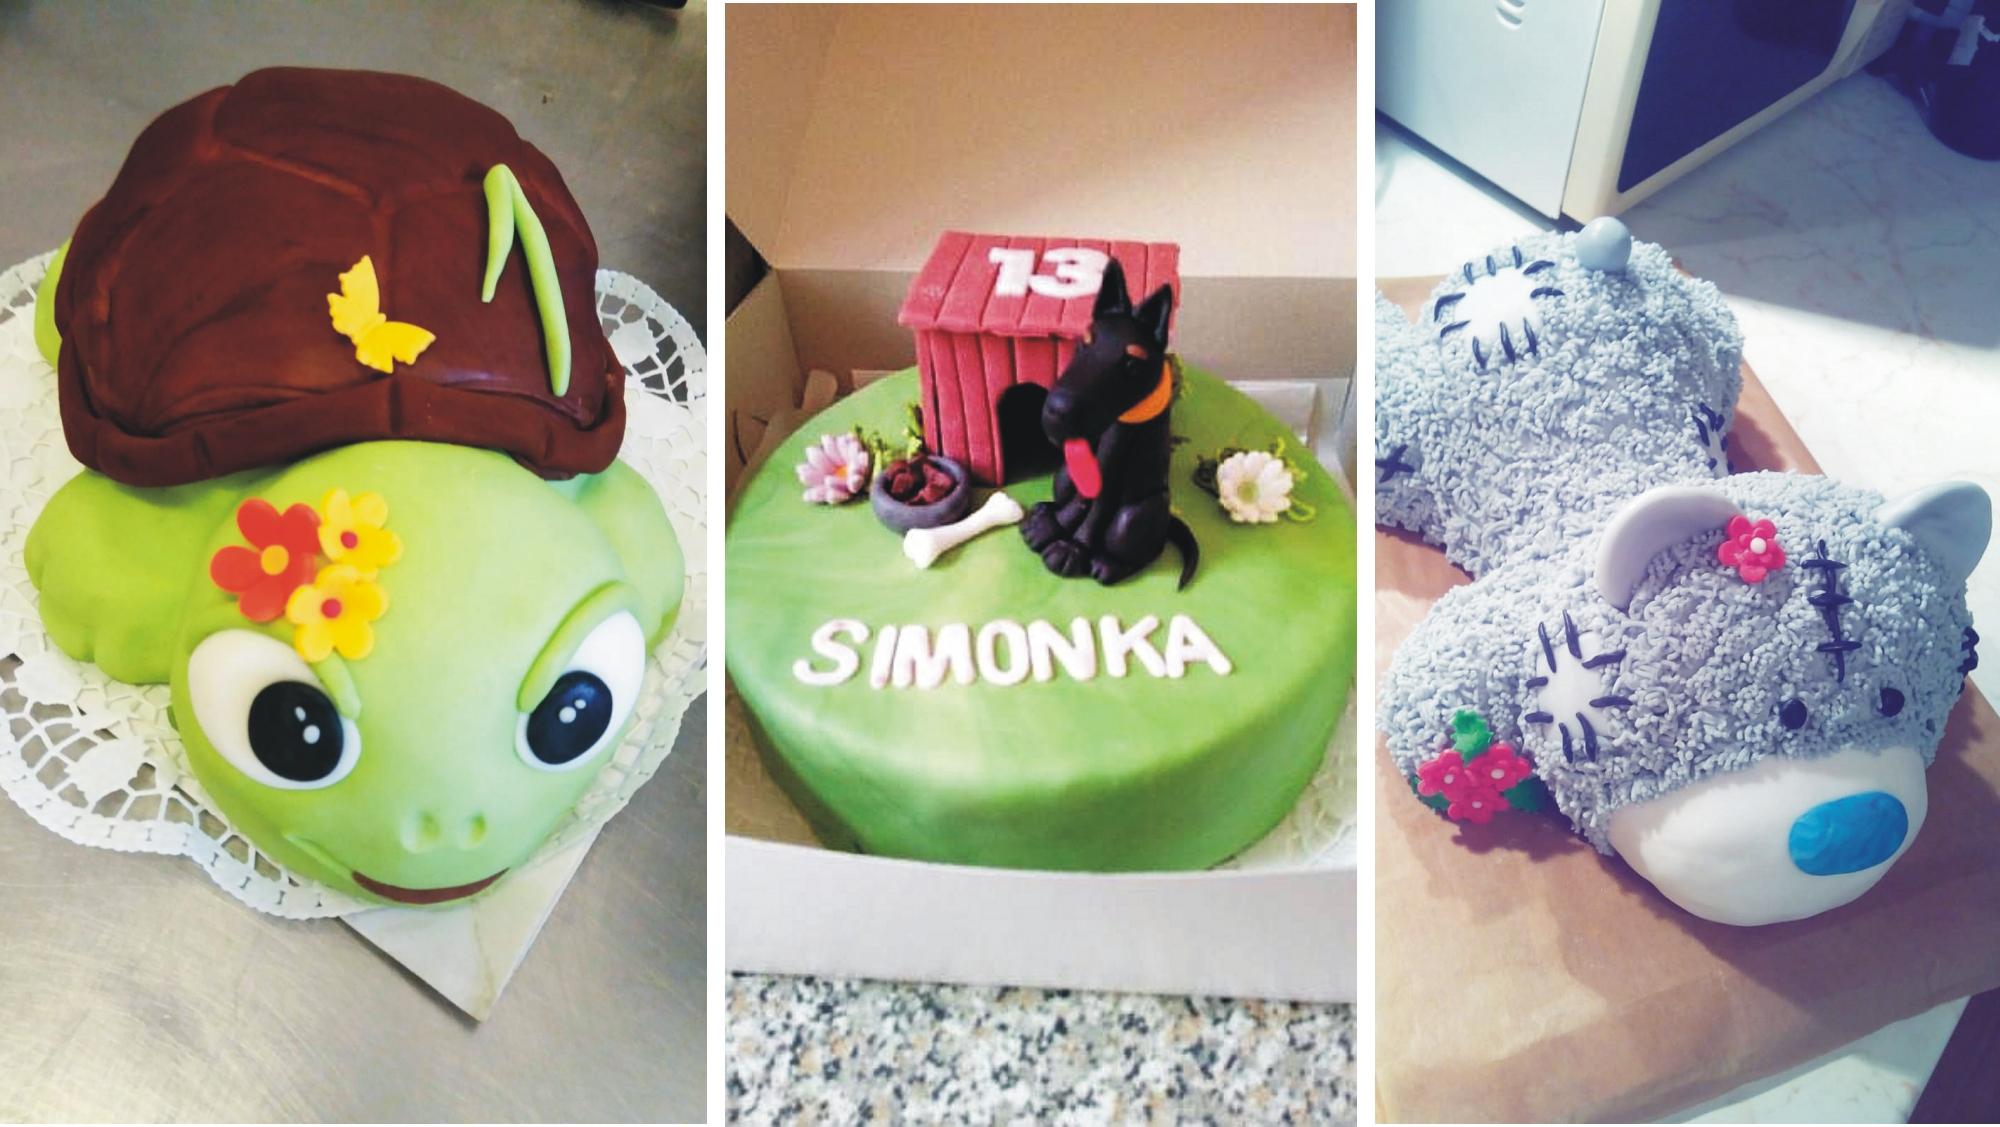 Nápady na netradiční dorty nám nechybí